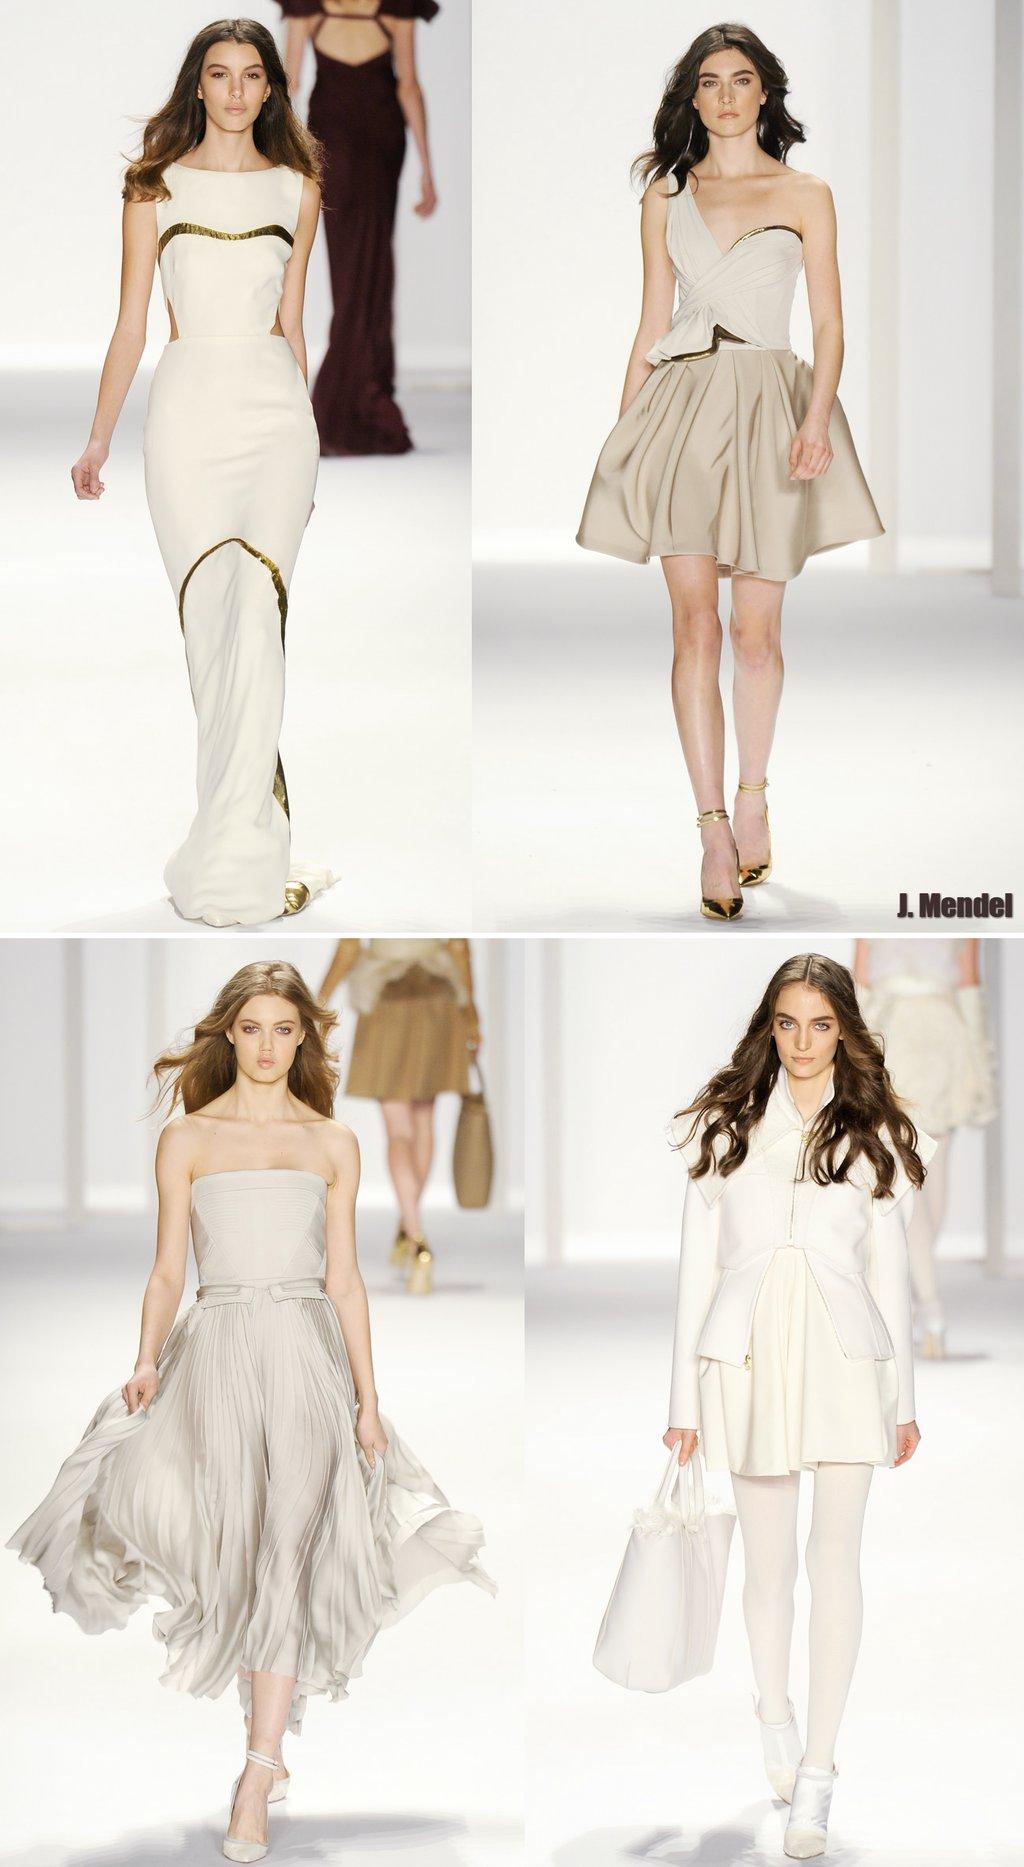 j mendel wedding dress bridal look mathilde j mendel wedding dress wedding dress inspiration fall j mendel gowns little white dresses